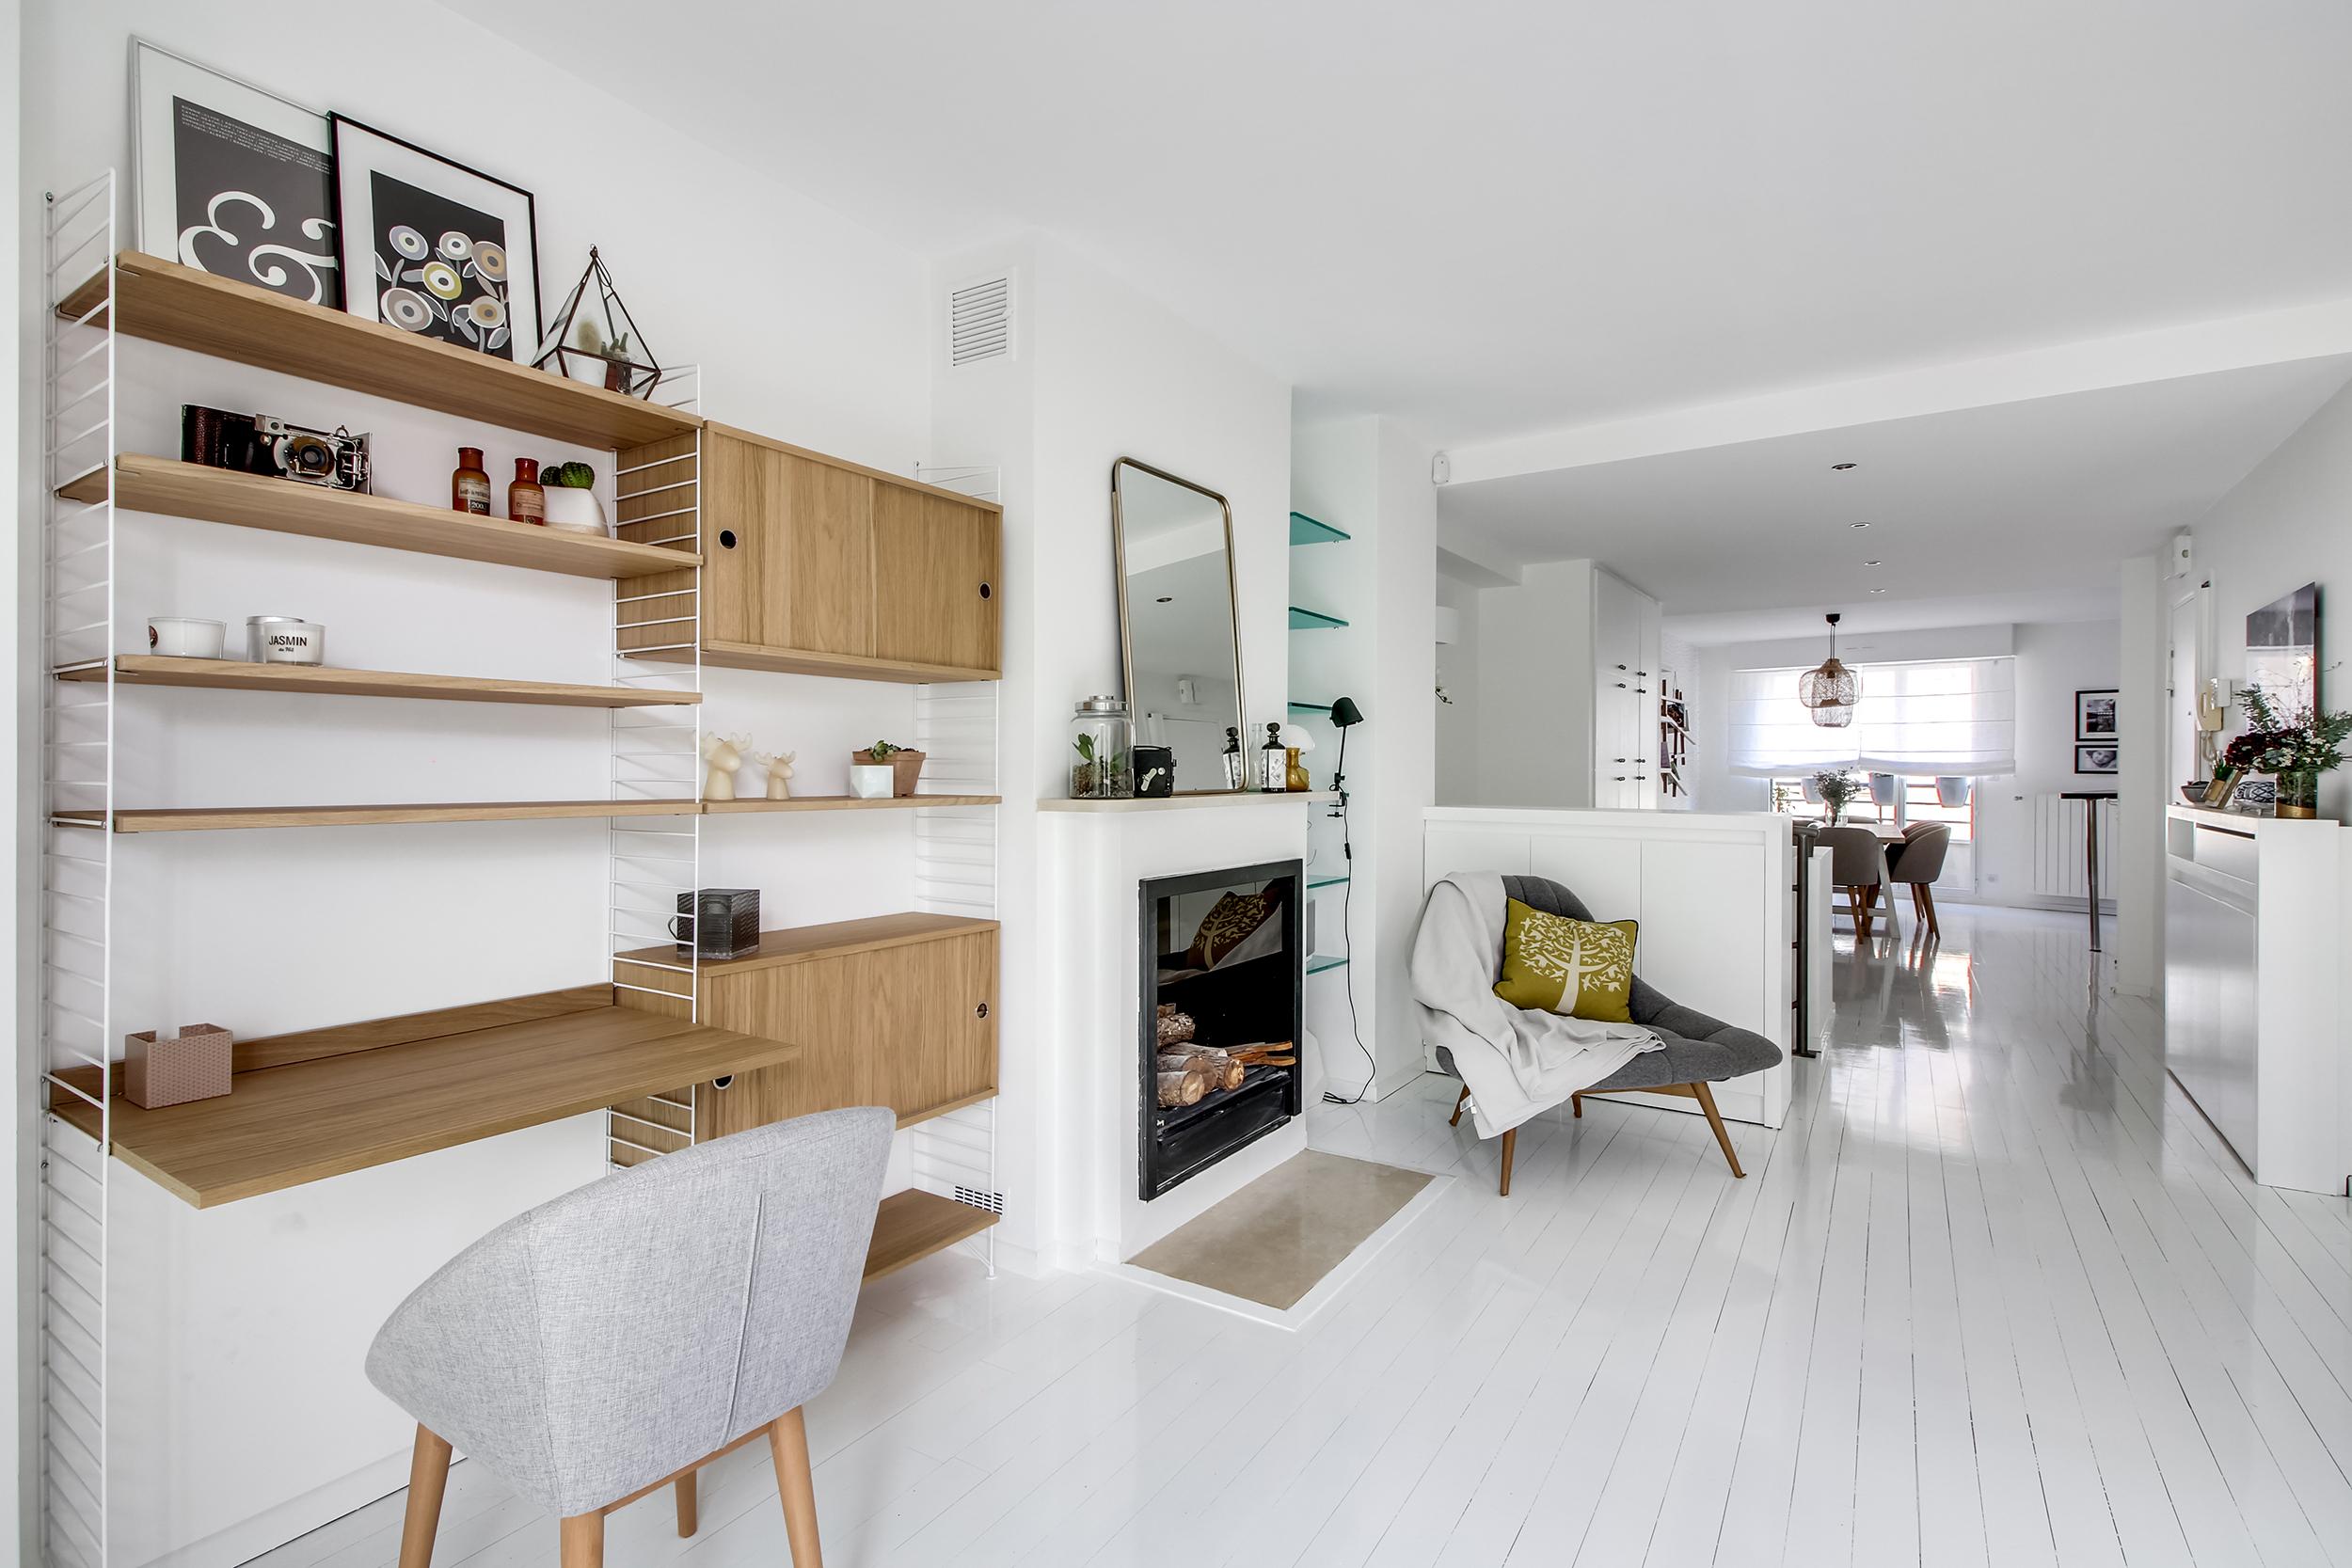 Однокомнатная квартира в скандинавском стиле большая